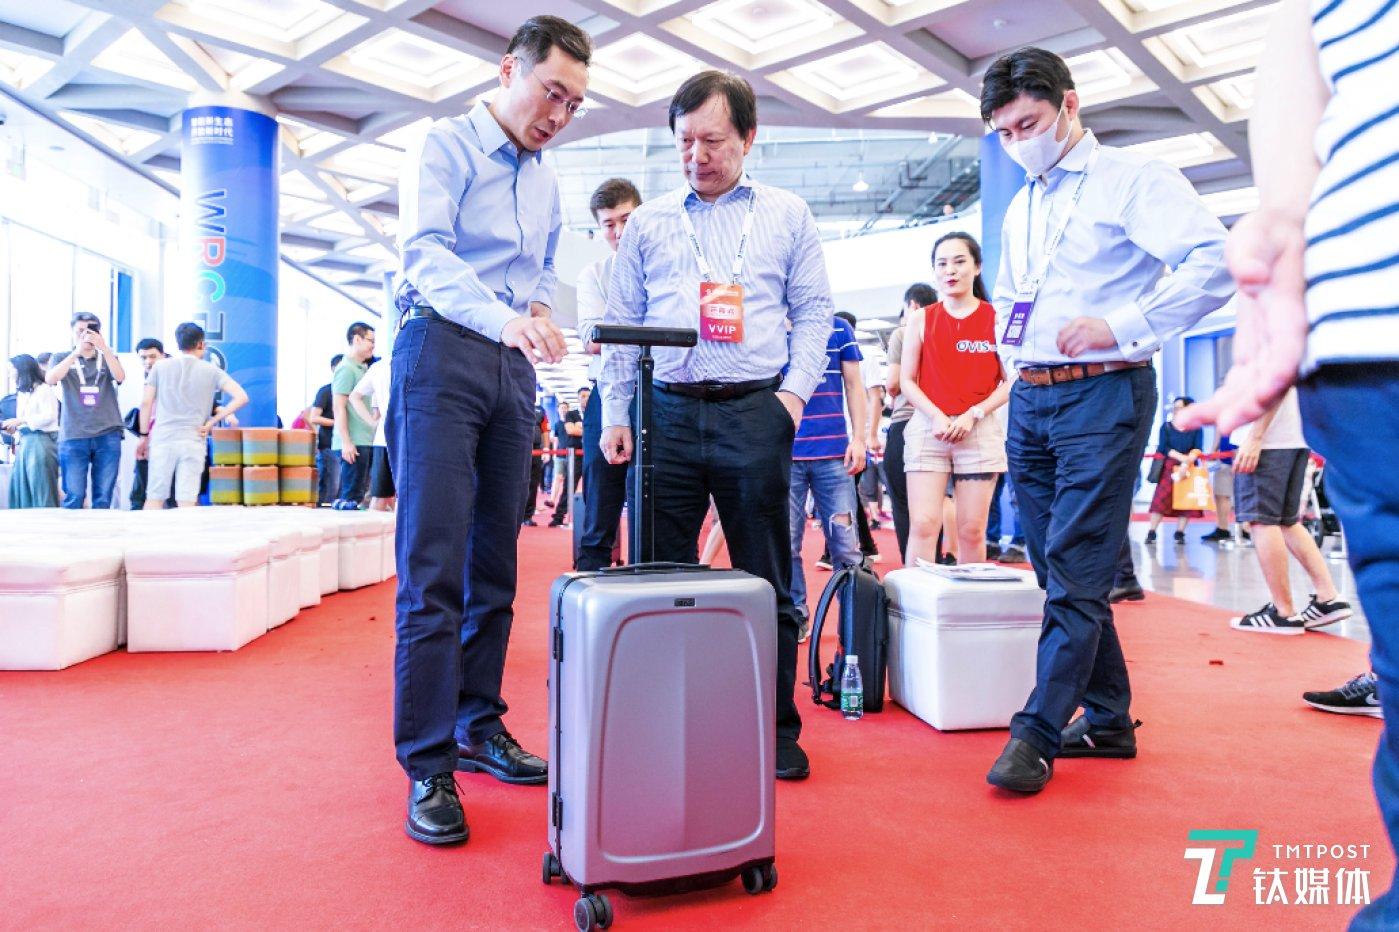 灵动科技发布OVIS侧跟行李箱,可以自动跟随、智能躲避障碍